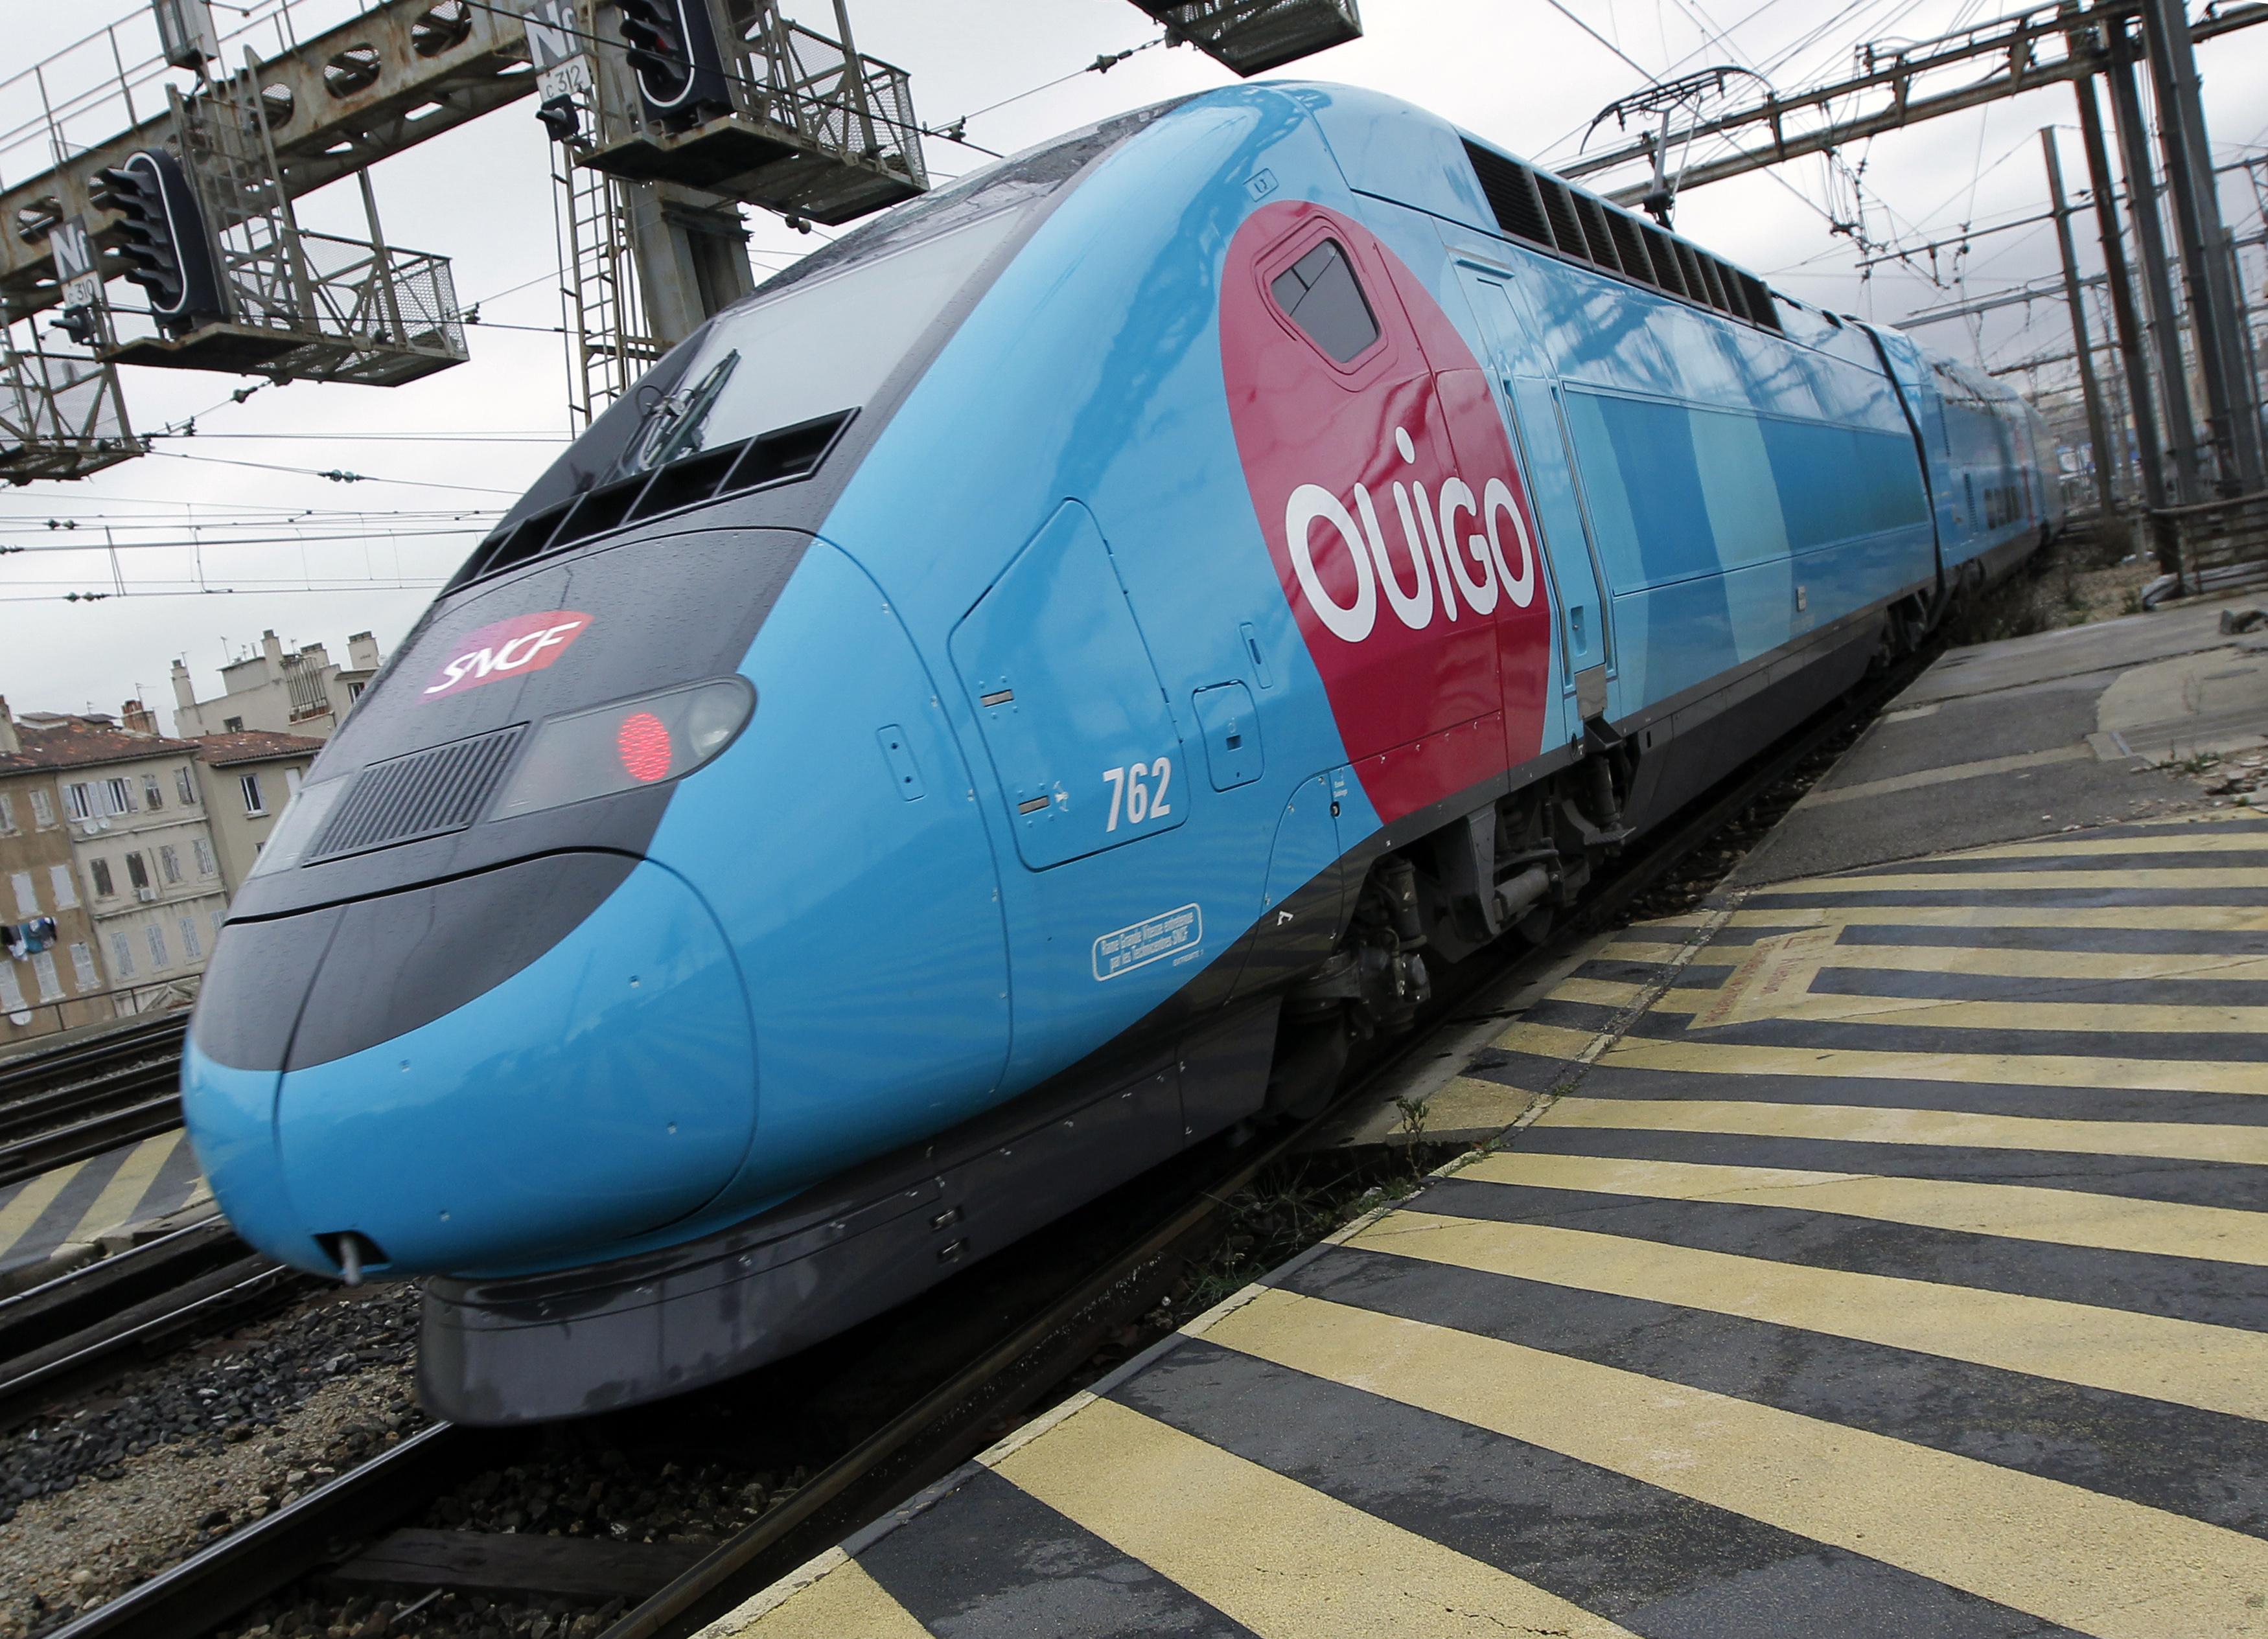 La SNCF prête à lancer les TGV Ouigo en Italie en riposte à l'arrivée de Trenitalia en France